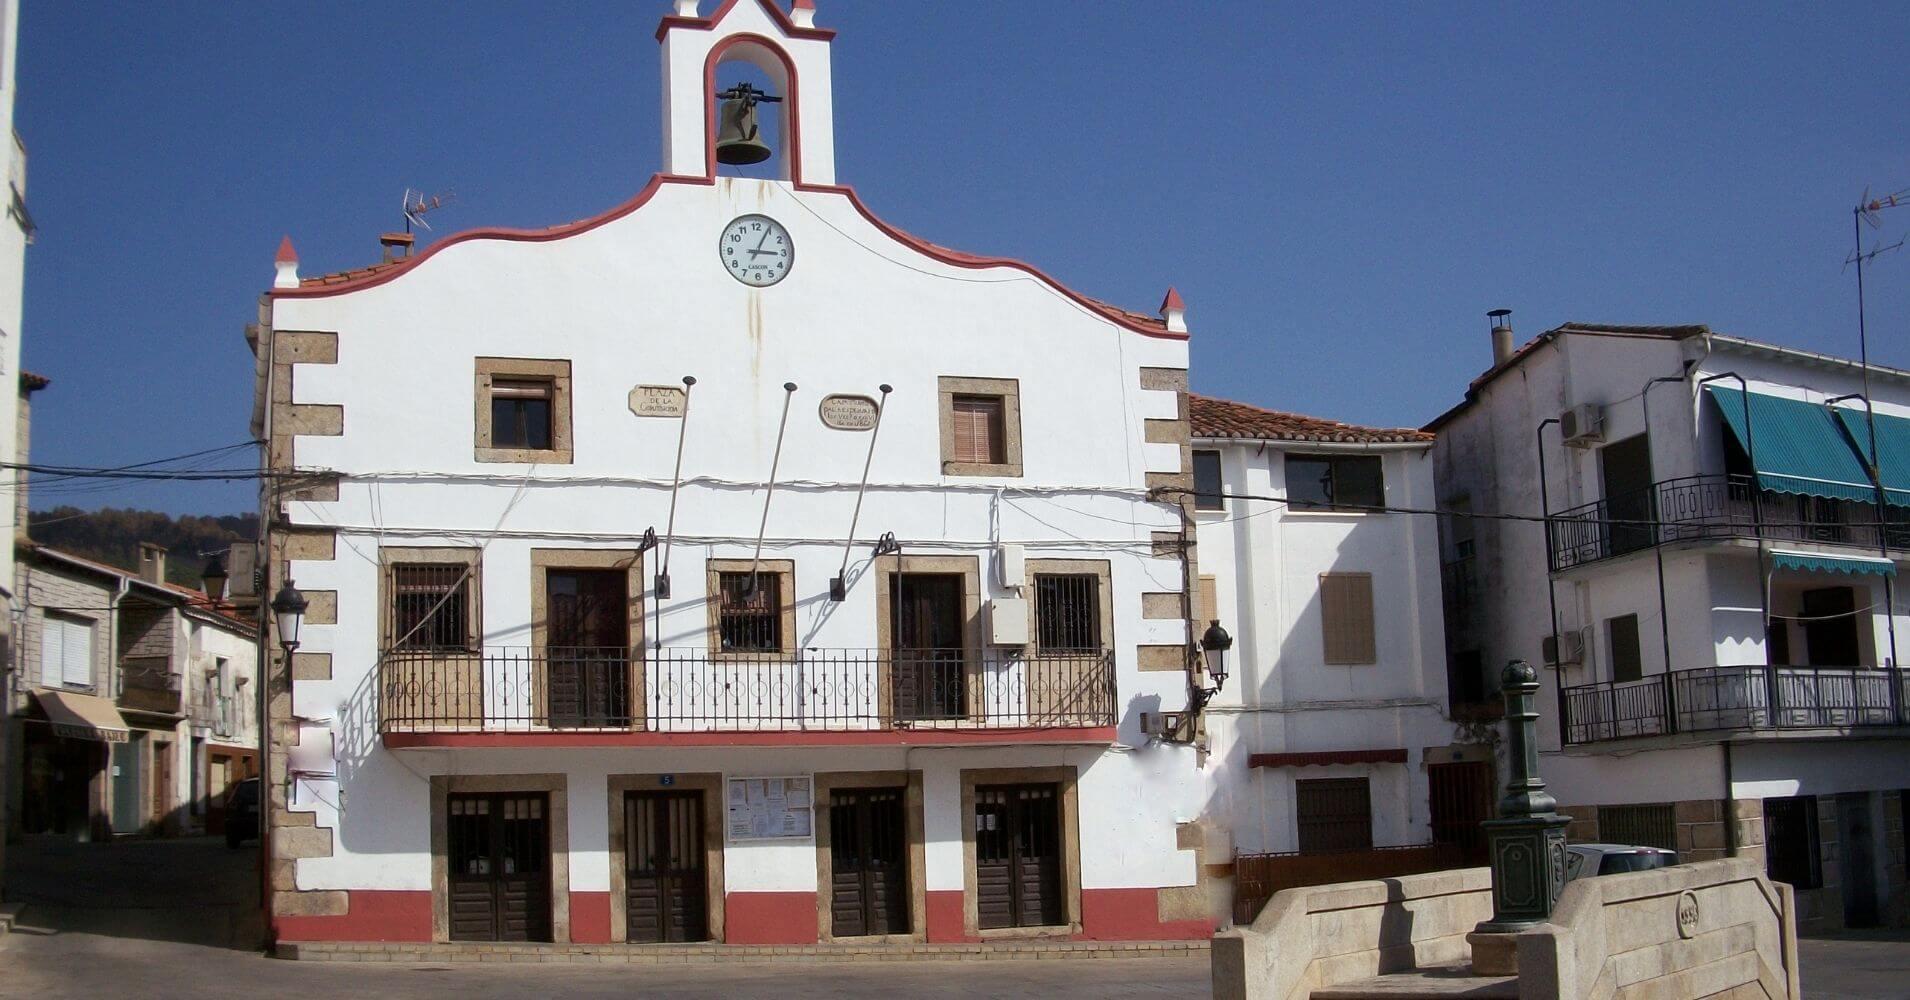 En San Martín de Trevejo. Cáceres. Extremadura.